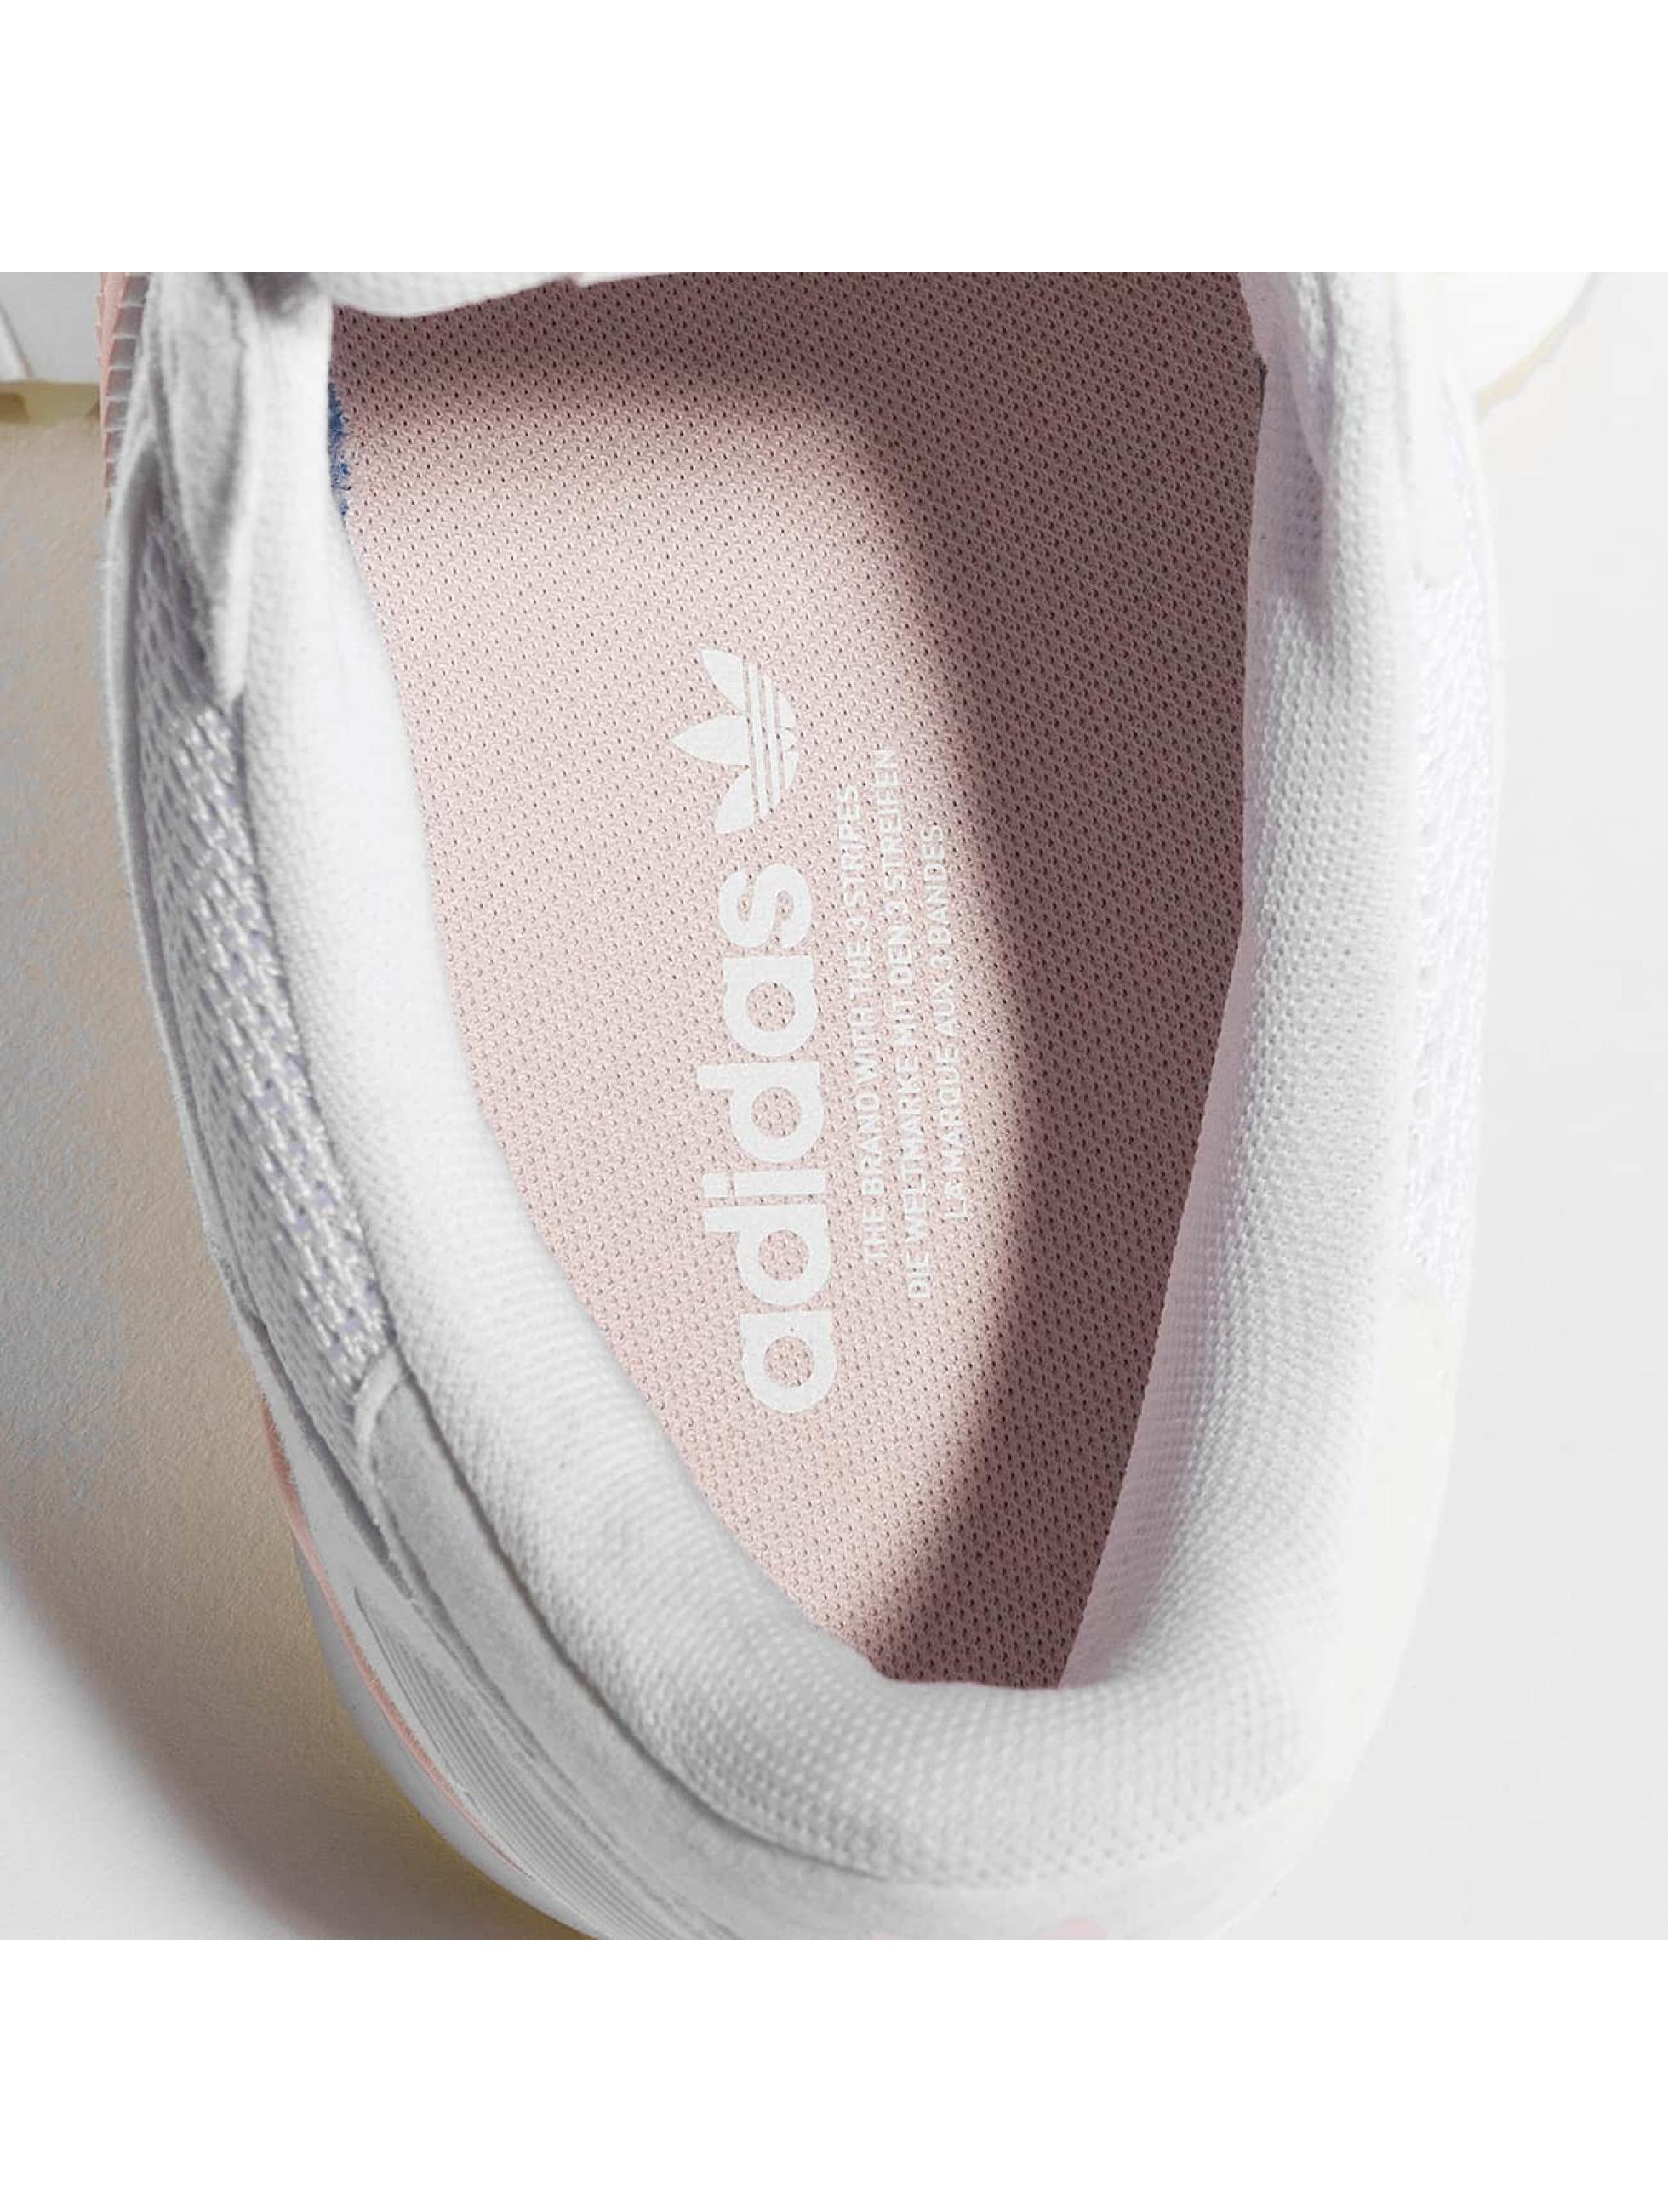 adidas originals Zapatillas de deporte ZX 700 W blanco